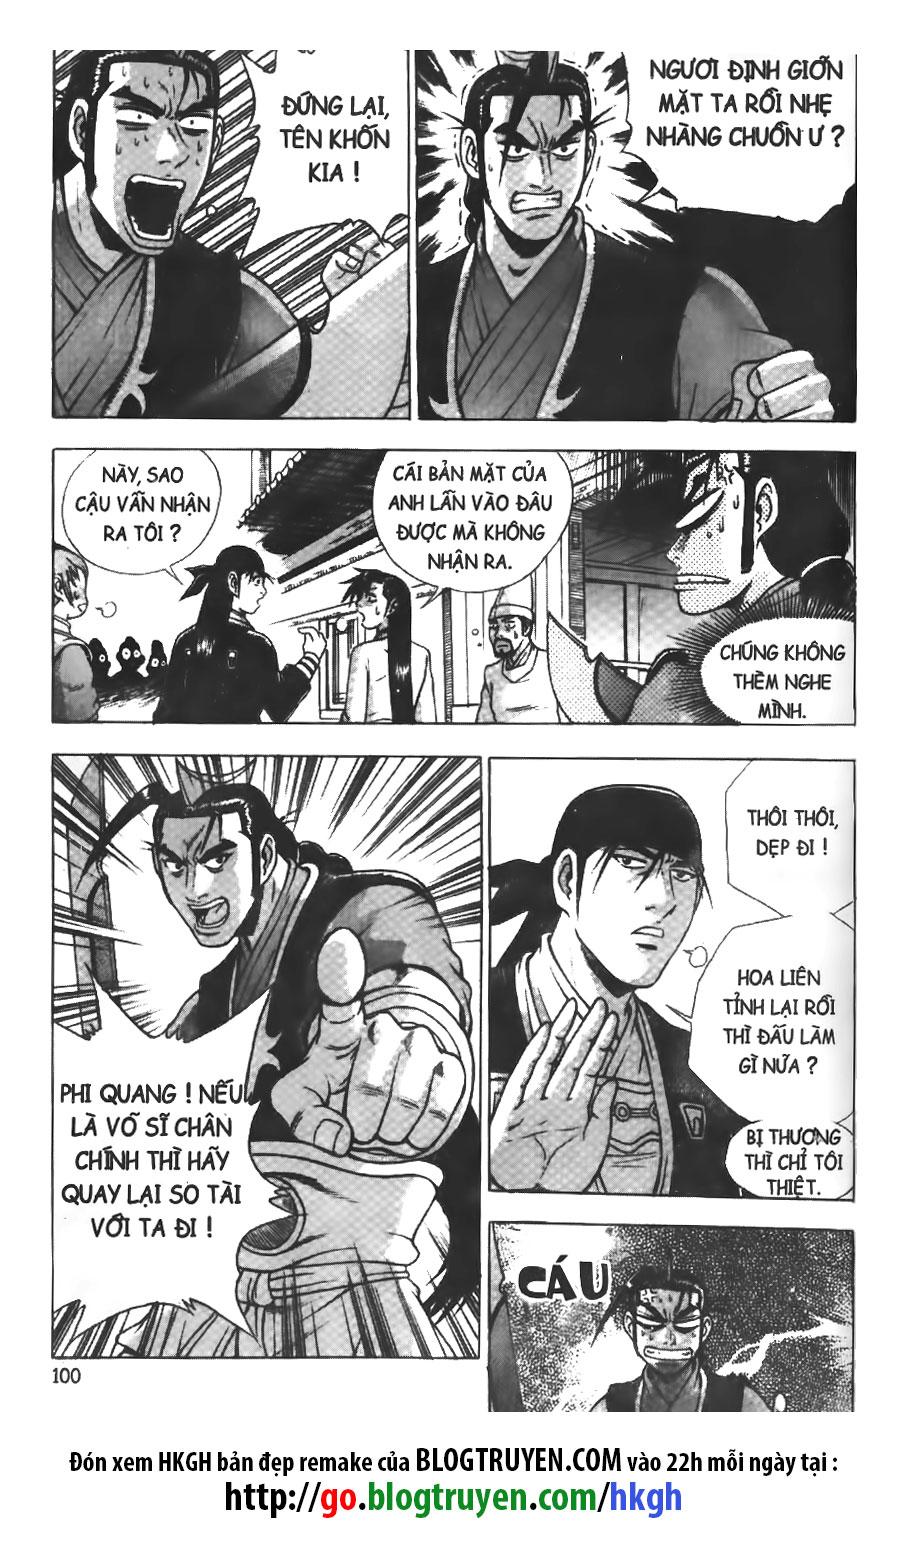 xem truyen moi - Hiệp Khách Giang Hồ Vol36 - Chap 246 - Remake